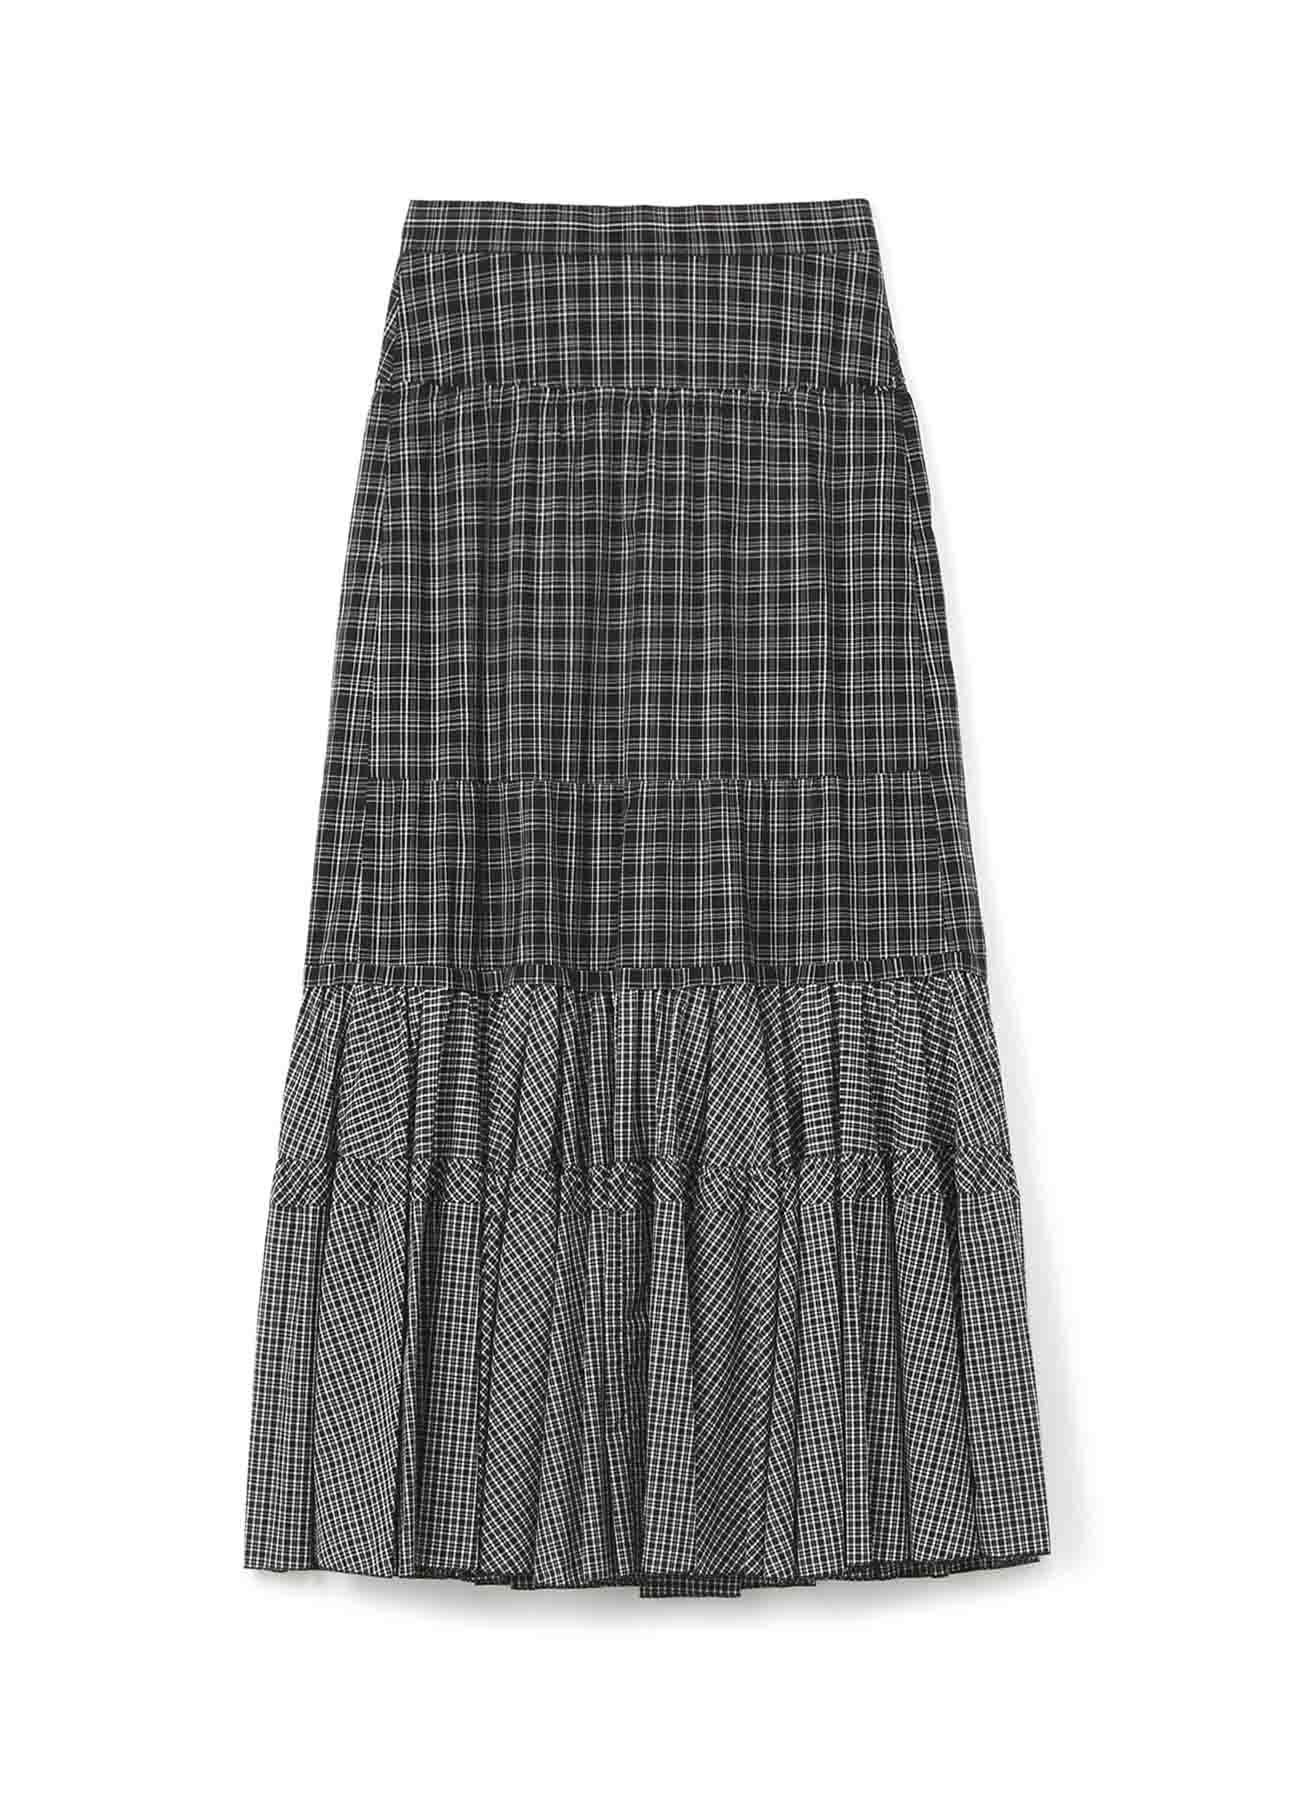 Y'SPINK棉质格子布荷叶边半身裙